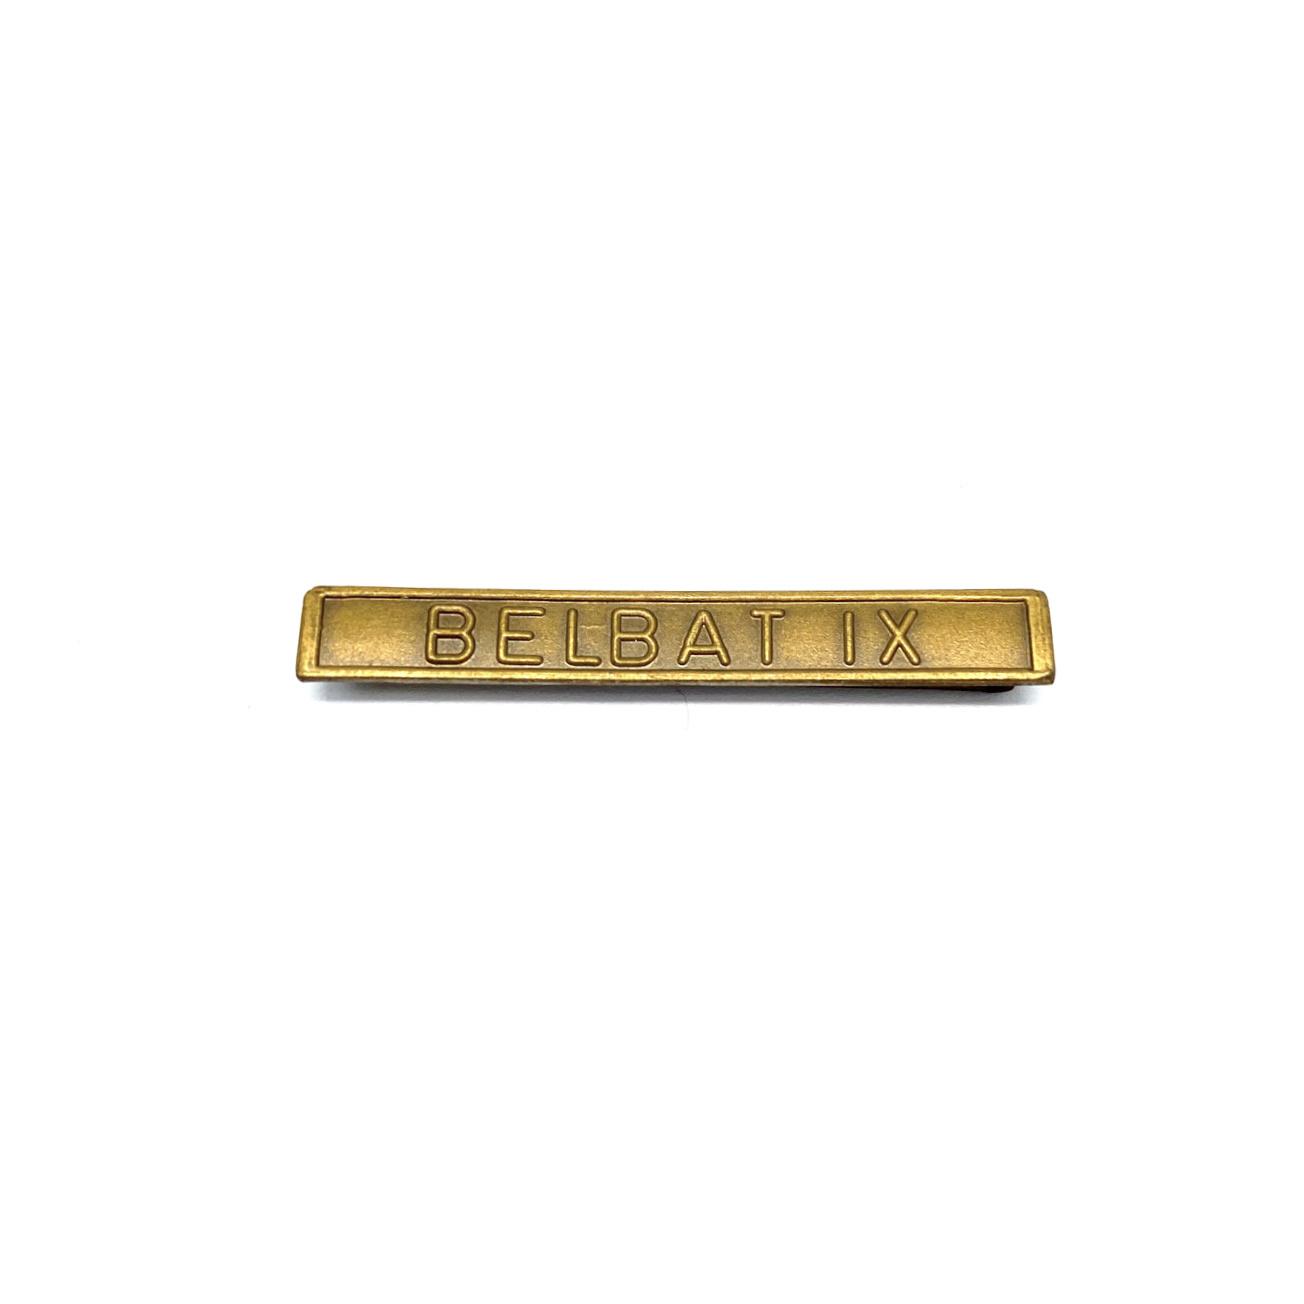 Barrette Belbat IX pour décorations militaires